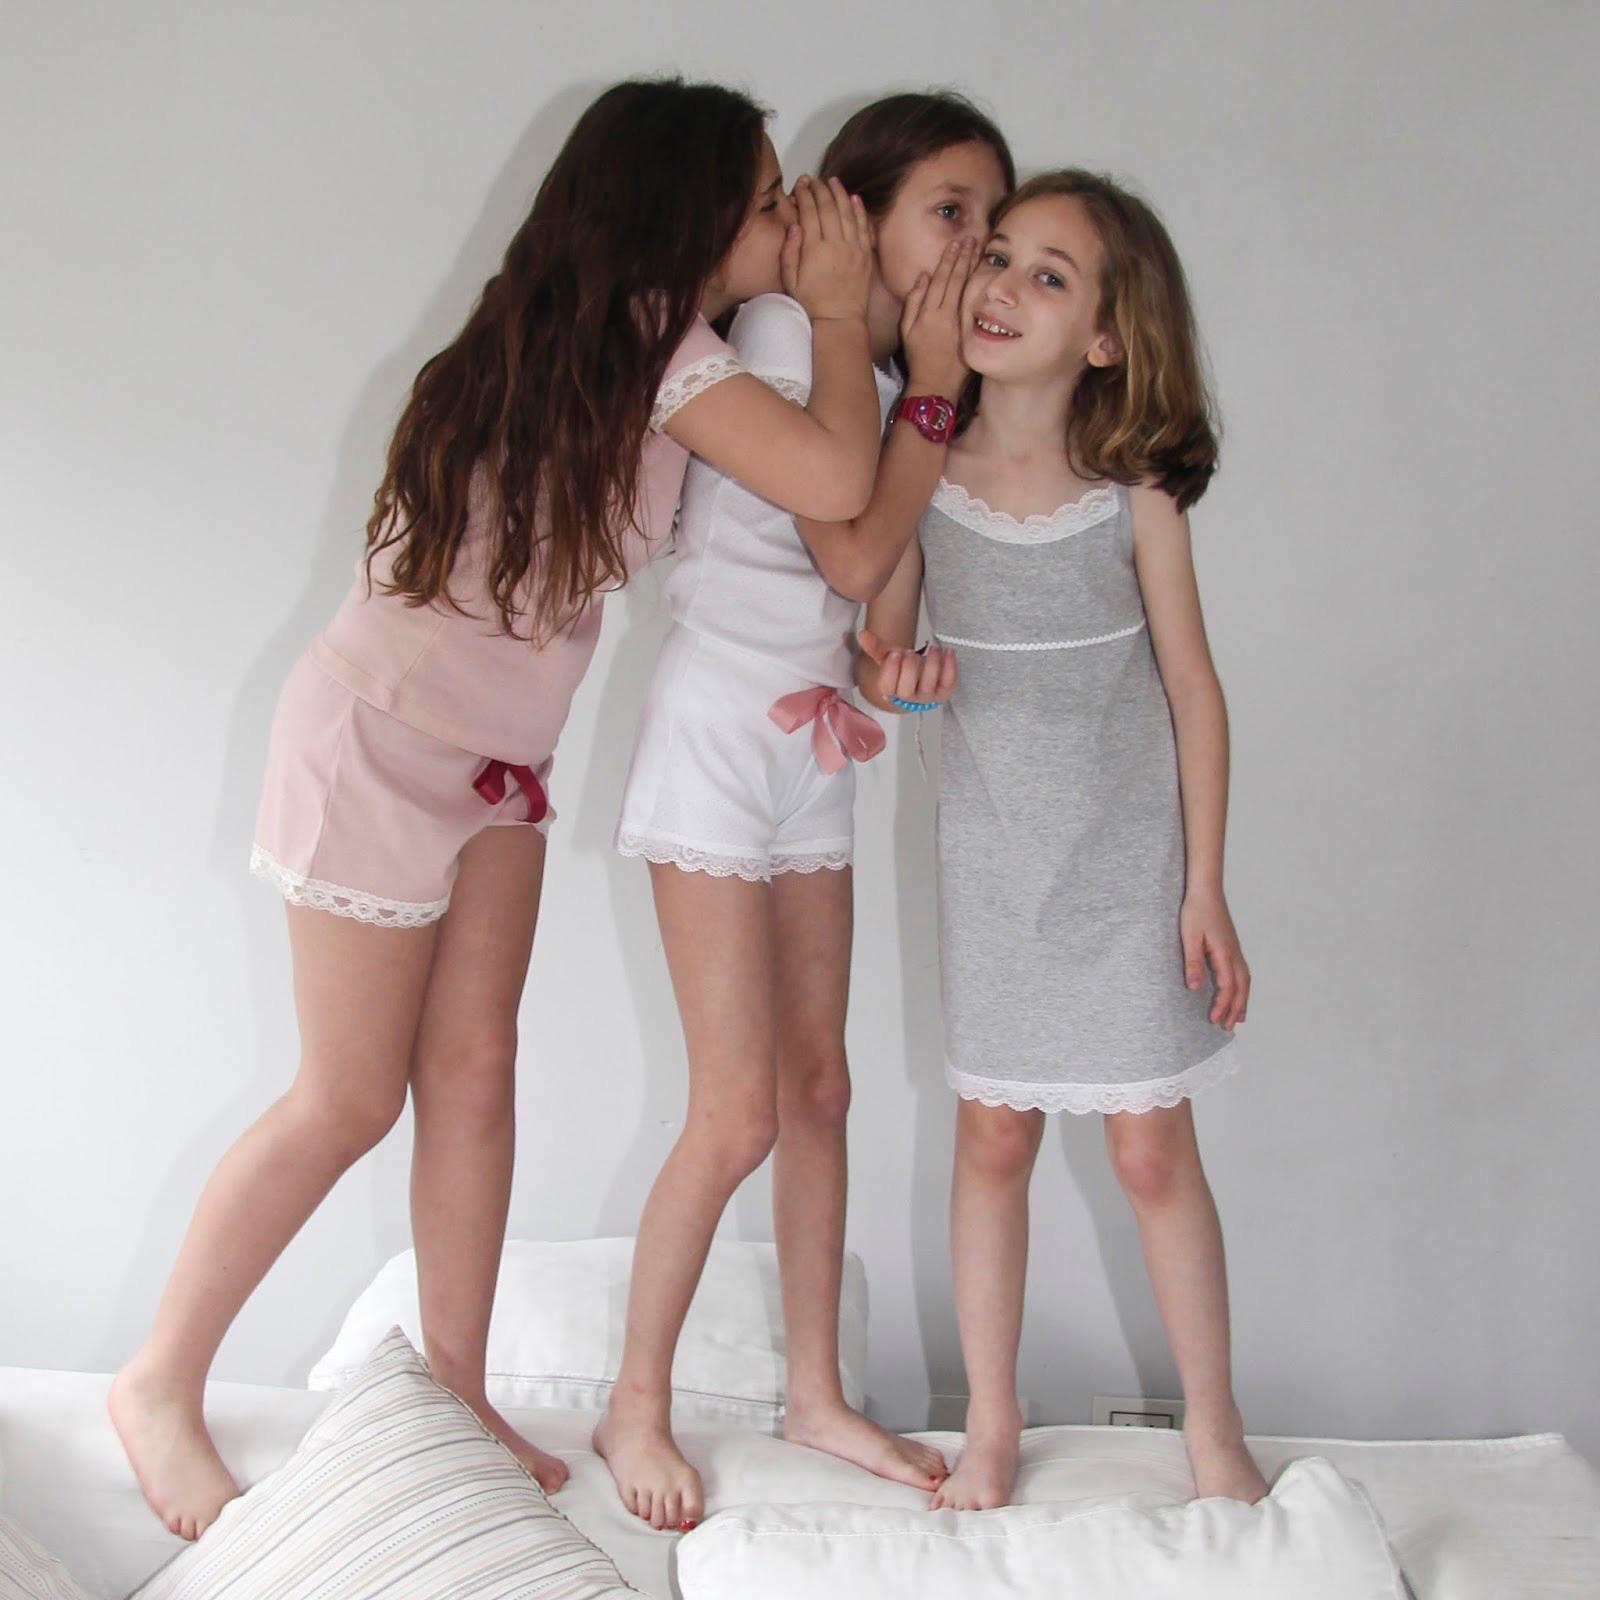 e6911b777 Bagsi comenzó como una marca de bolsas de dormir bellísimas (ya les  contaremos) y este verano lanzaron